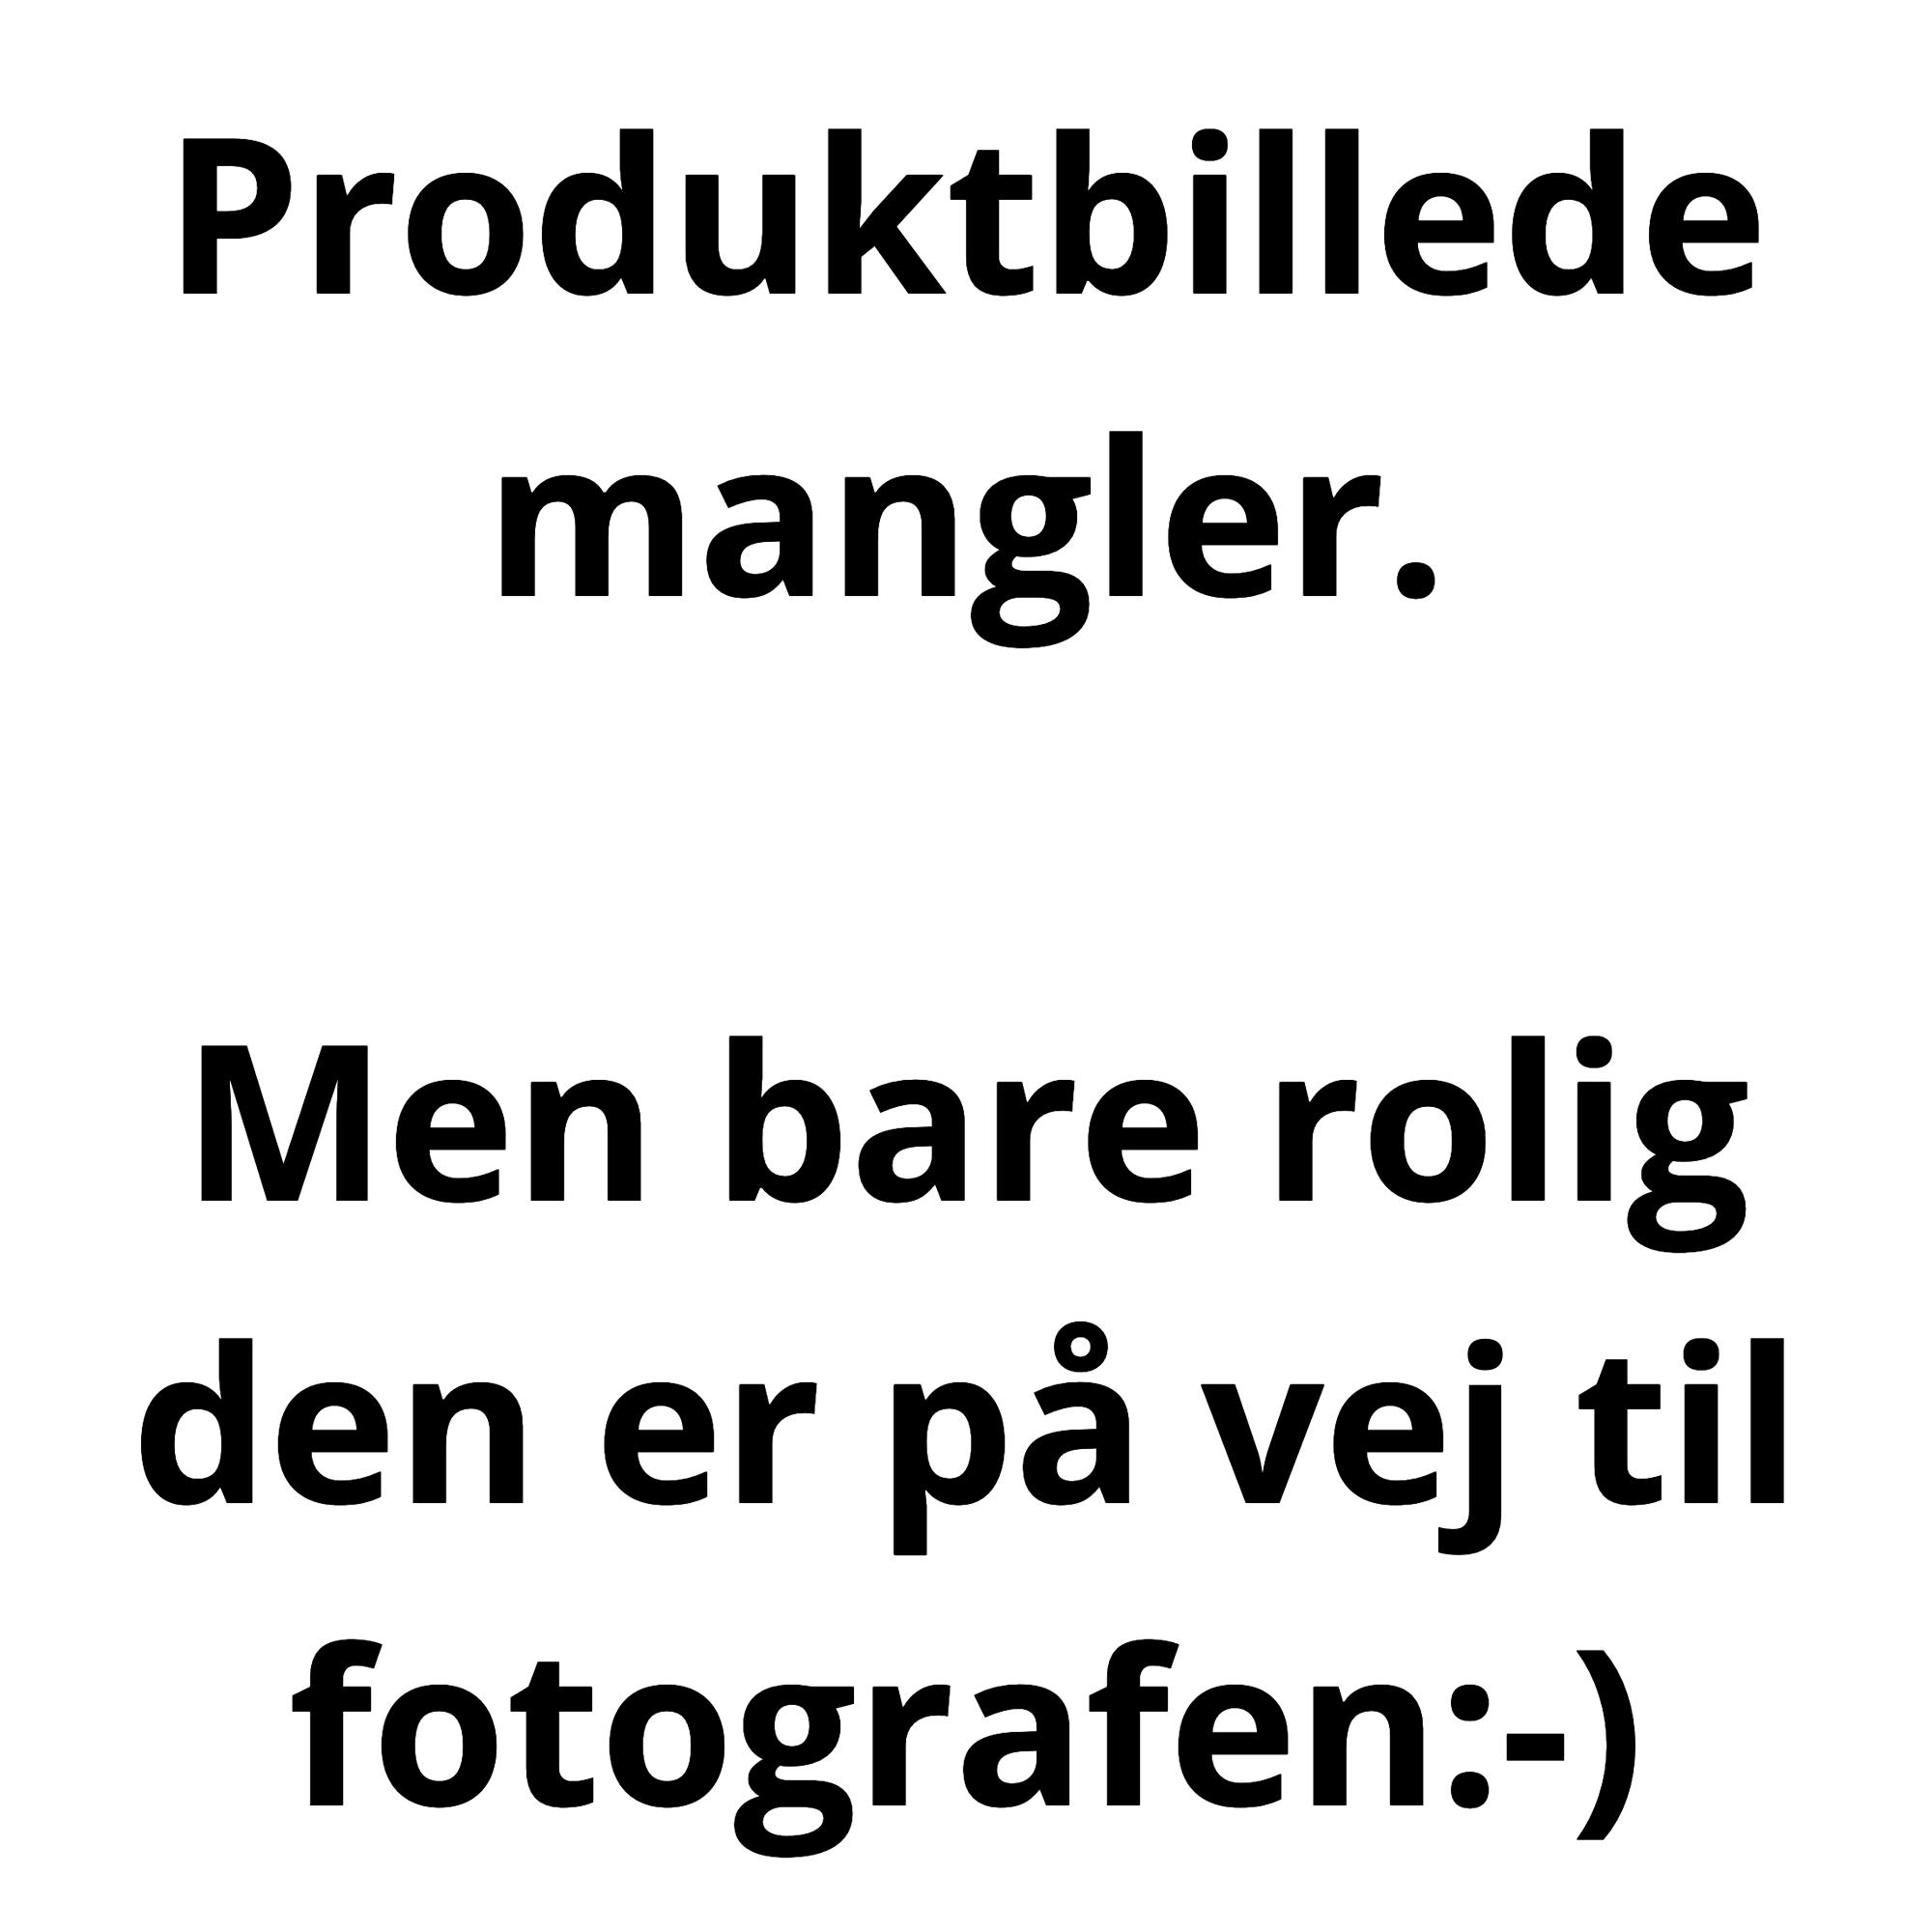 Brodit Passiv mobilholder m. kabeltilslutning ligthning til USB til Apple iPhone 5/5S/5C B:62-77 D:9-13 - 514437